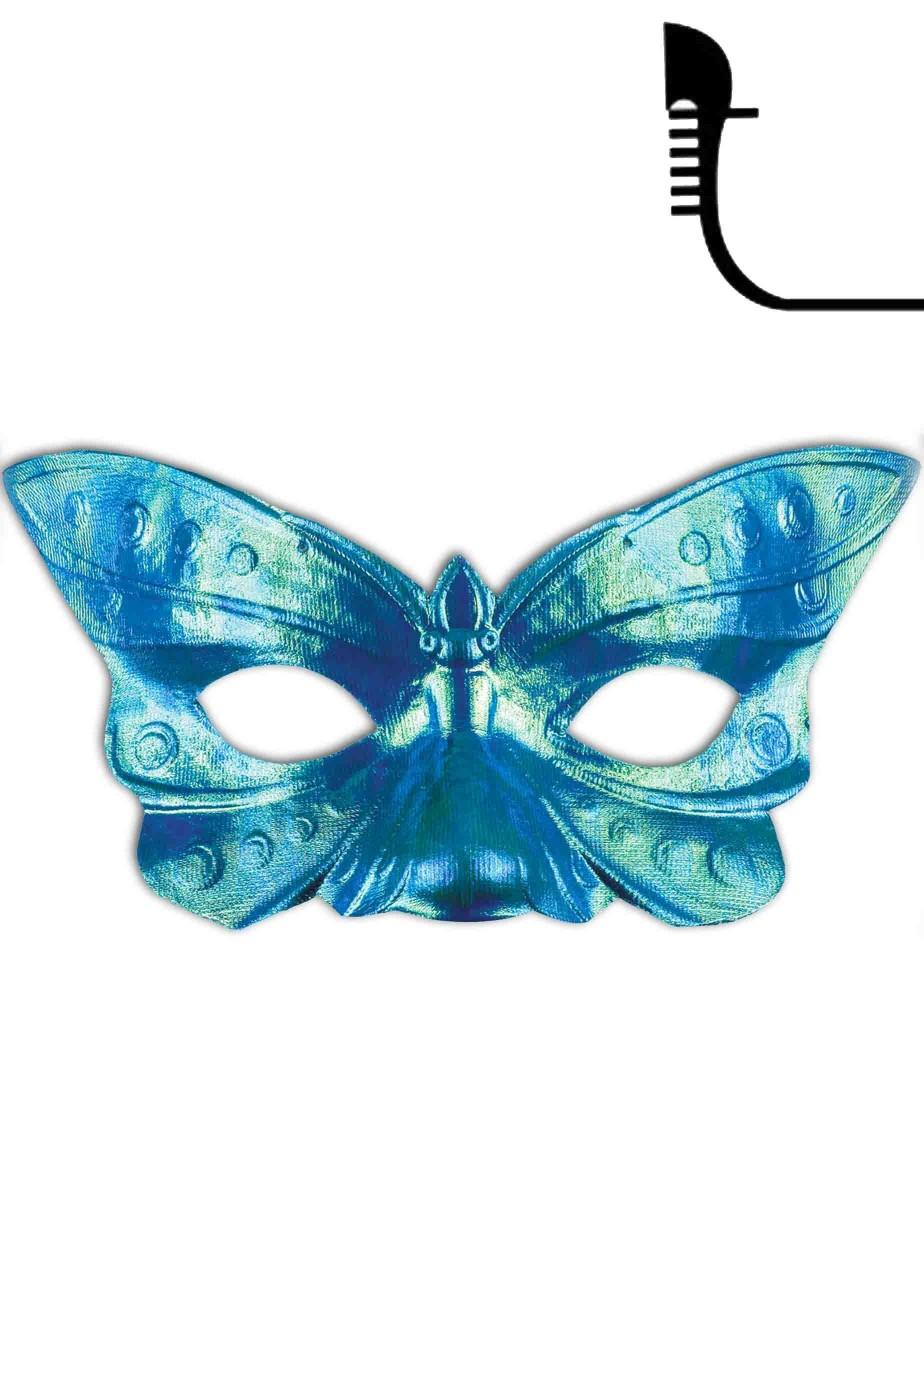 Maschera di carnevale stile veneziano antico a farfalla